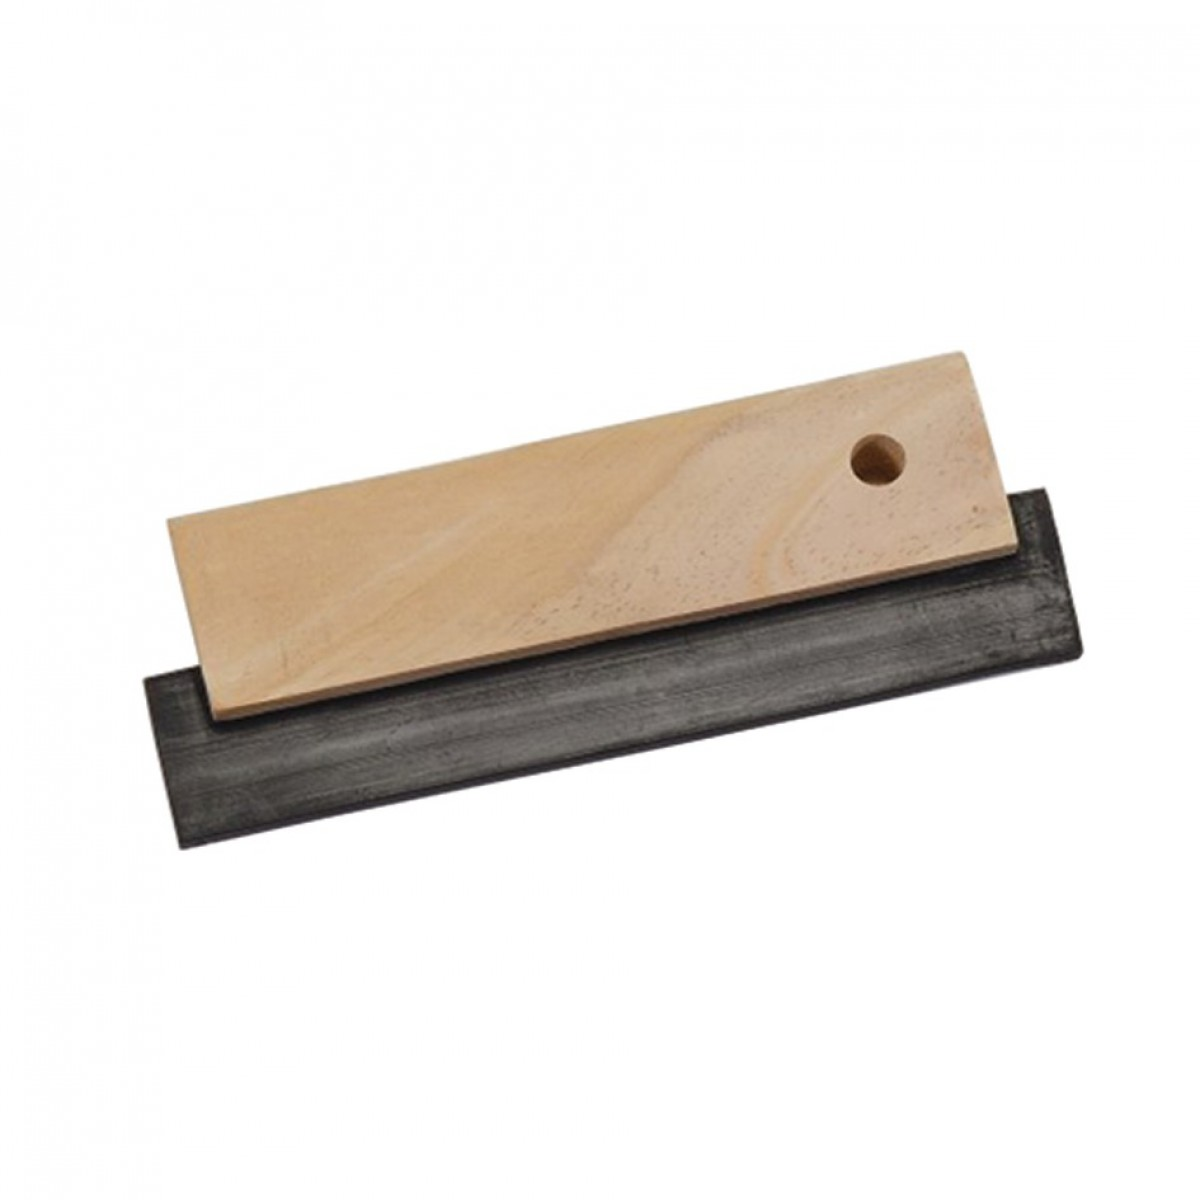 Raclette bois caoutchouc Prci - Largeur 18 cm